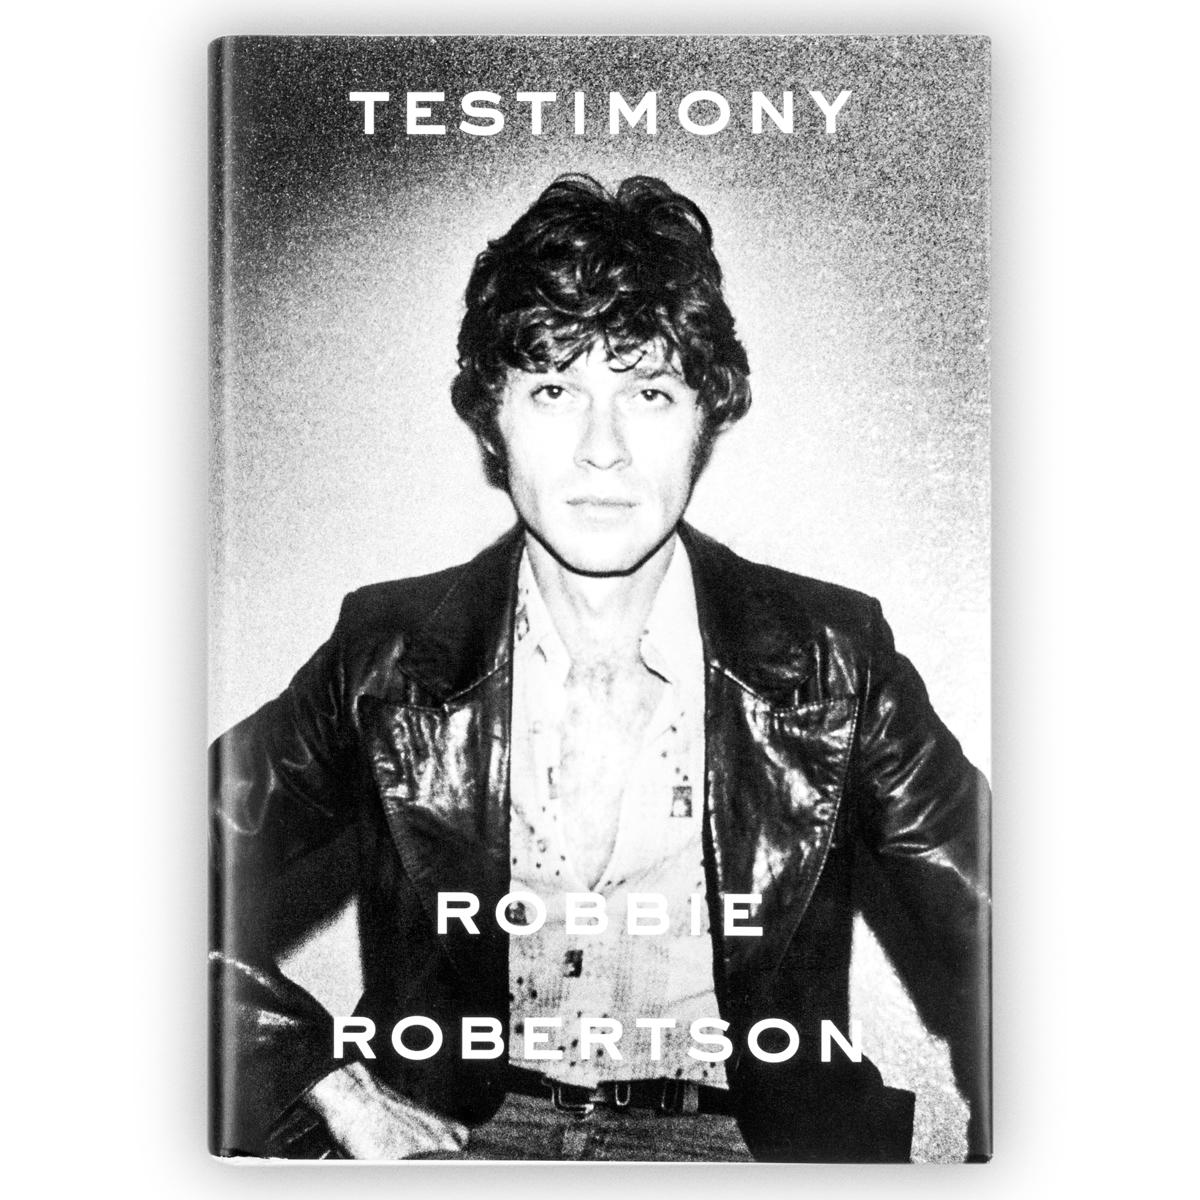 Testimony by Robbie Robertson